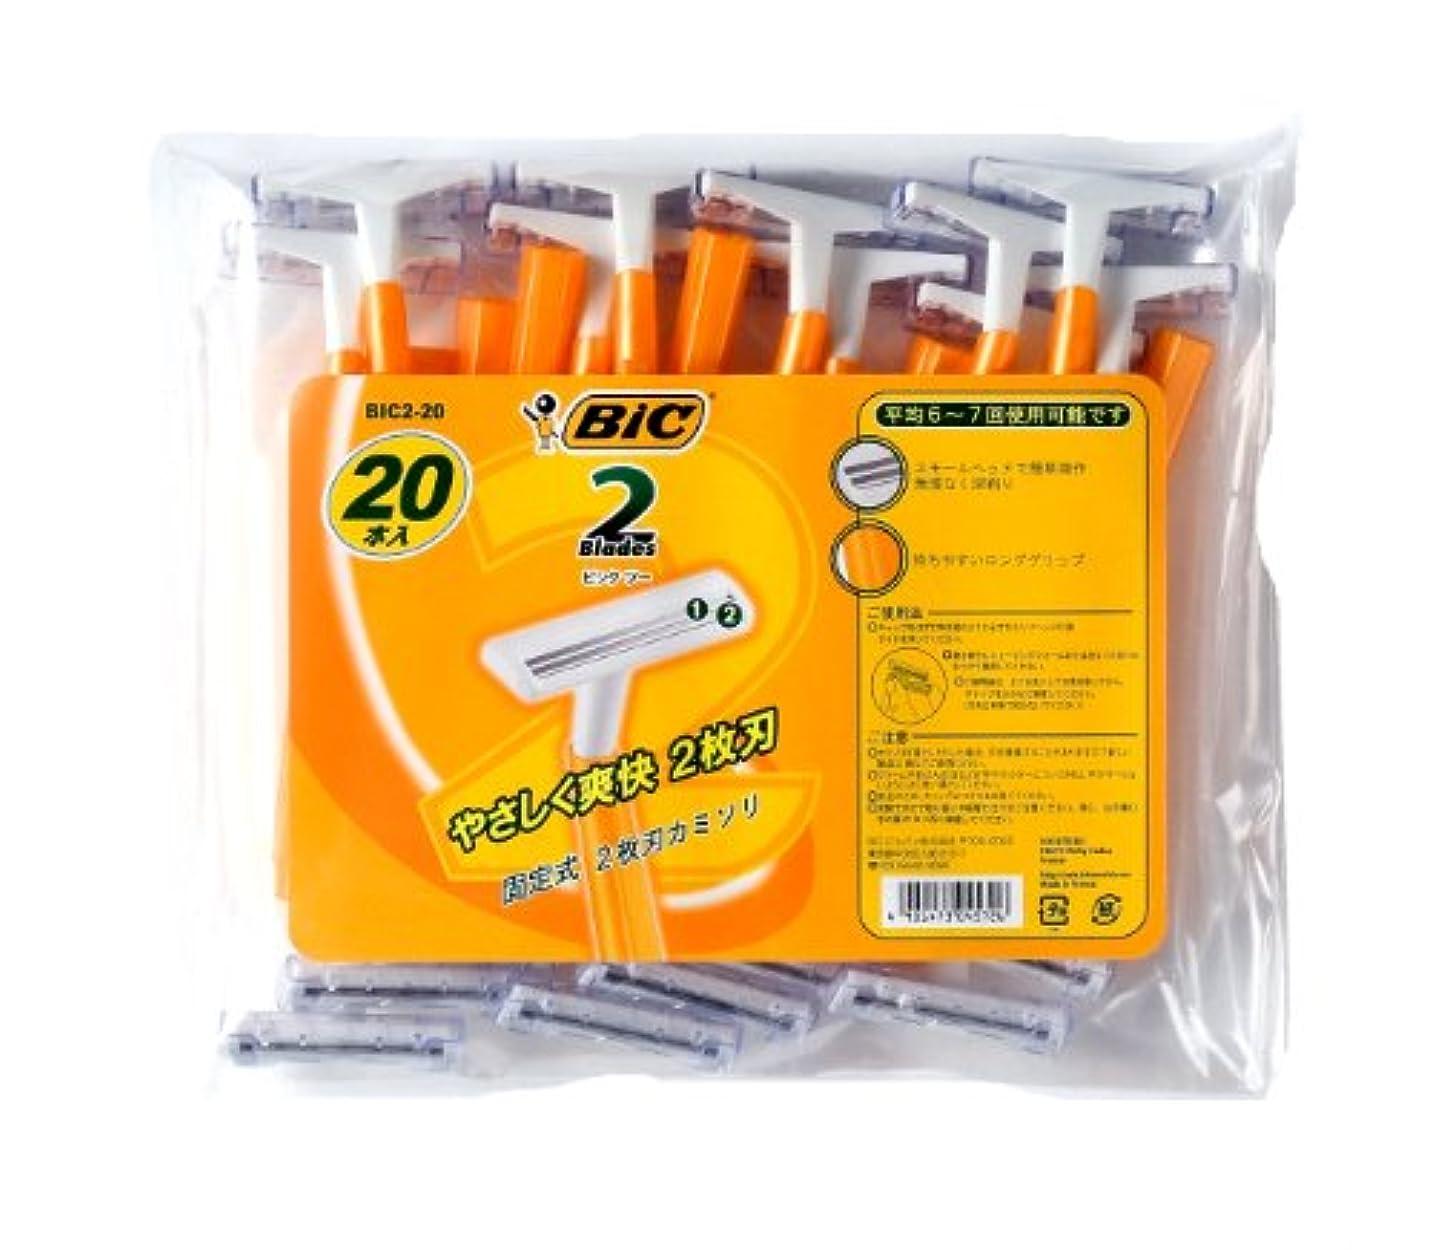 体操分離たくさんBIC2 2枚刃 カミソリ 20本入り